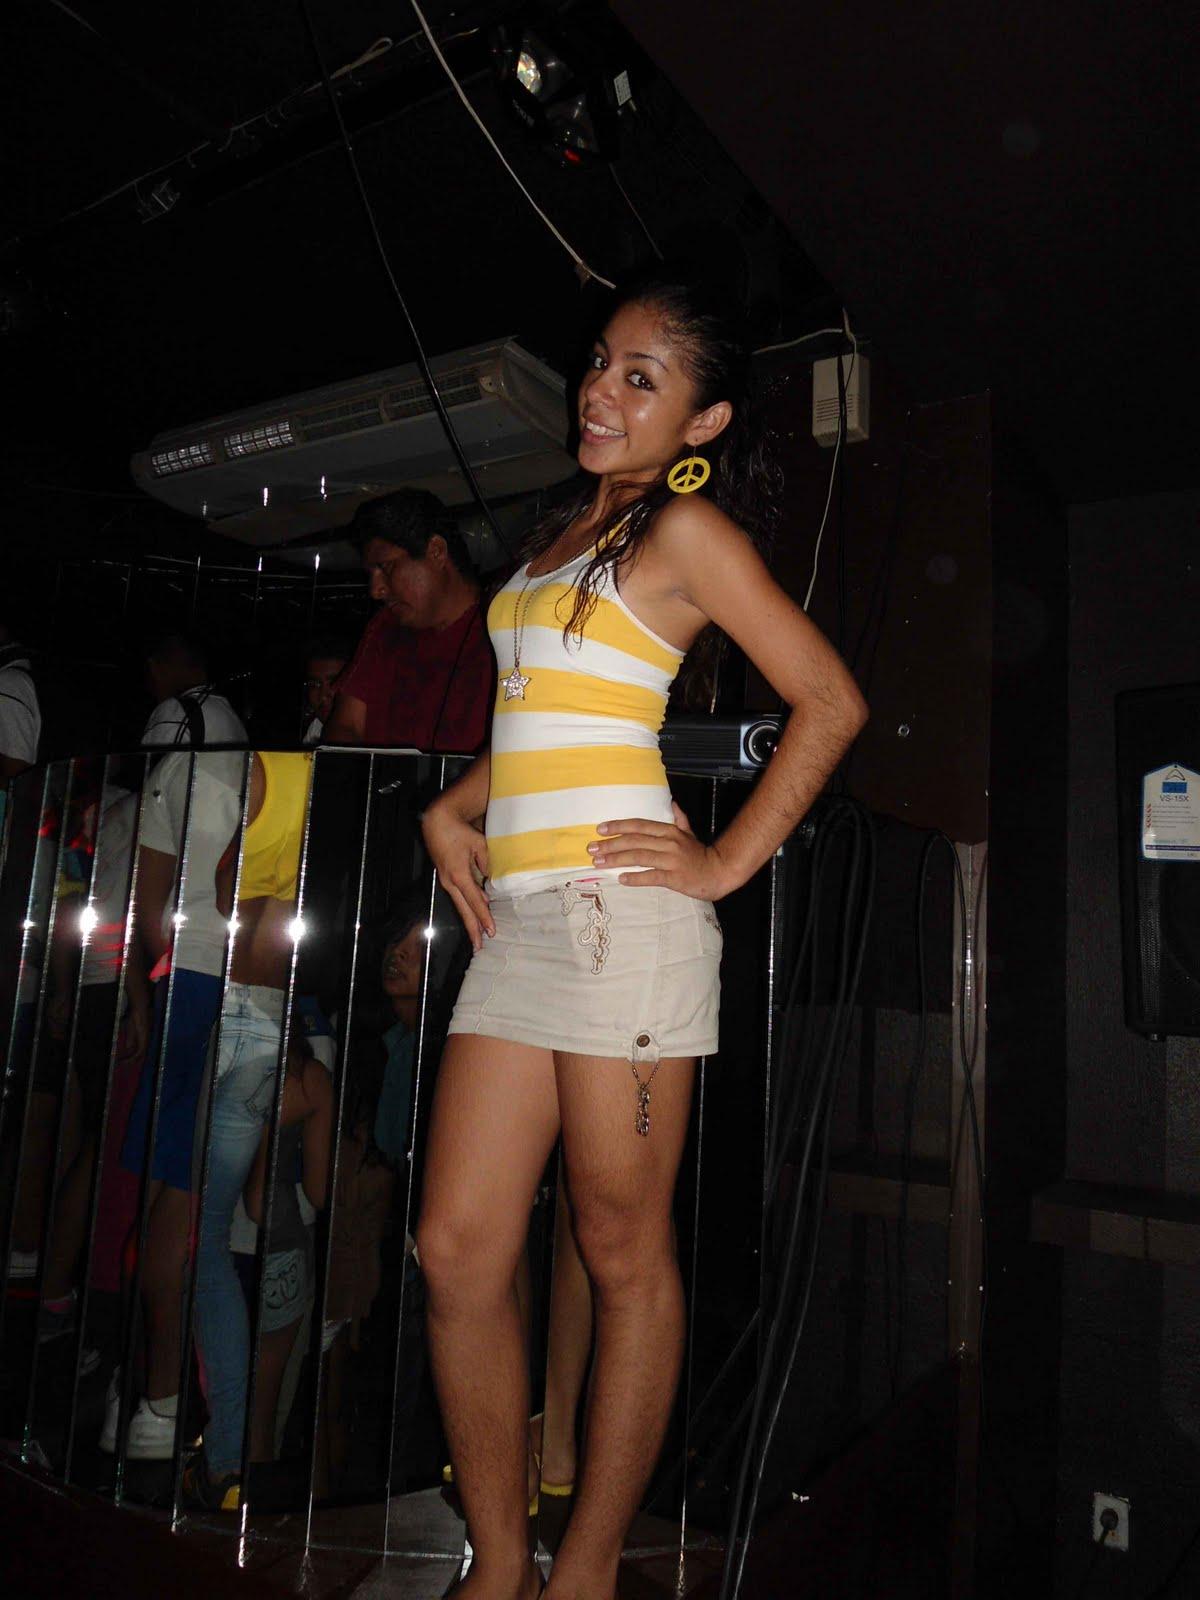 Chica de ambiente - 2 10